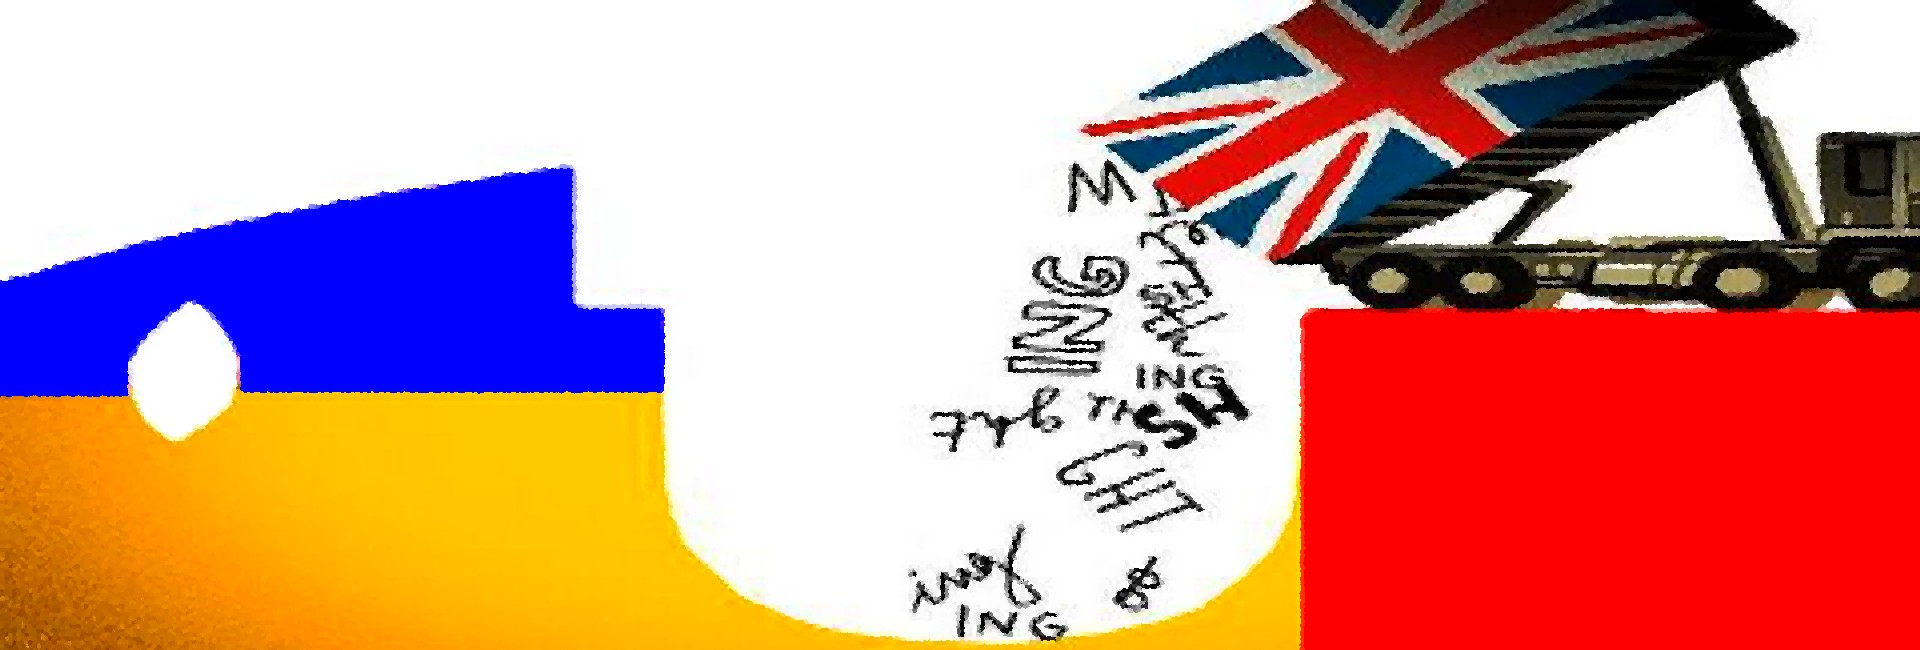 lingvistică rip limba română romgleză 9 englezisme la modă şi ce înseamnă de fapt slider